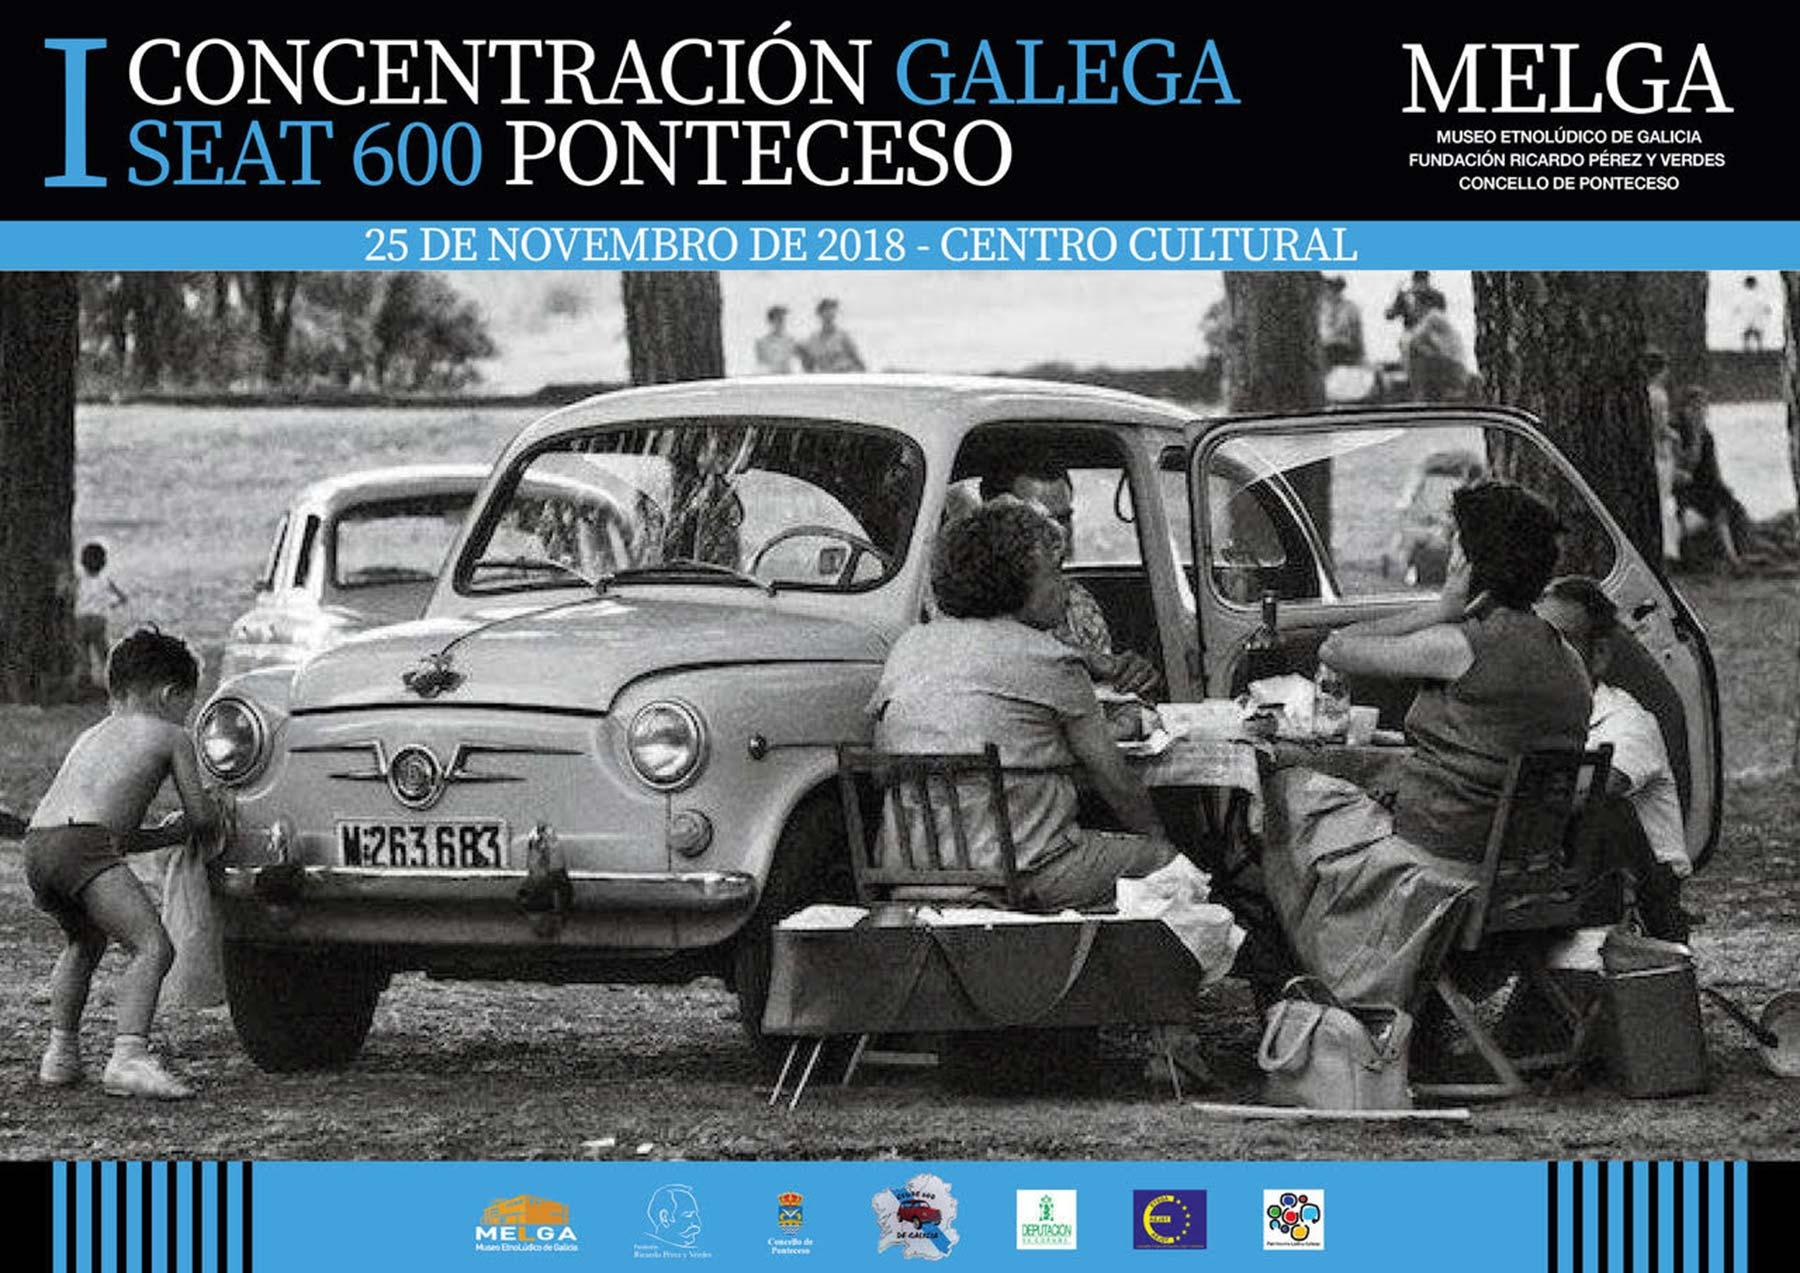 Primeira concentración de Clubes Seat 600 de Galicia no Melga